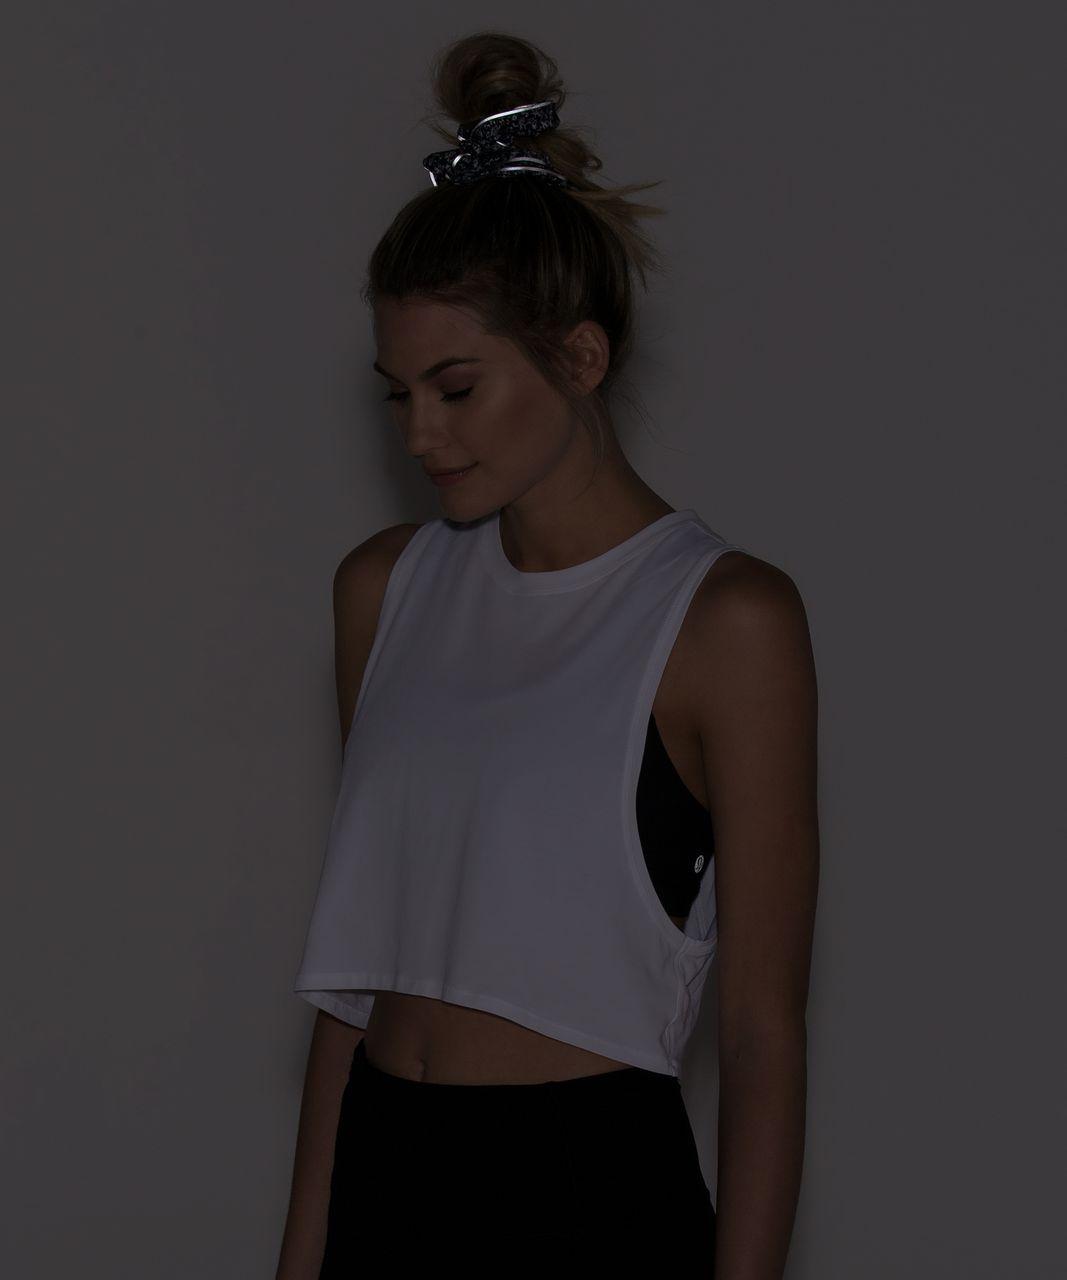 Lululemon Light Locks Scrunchie - Daisy Dust Alpine White Black / Black